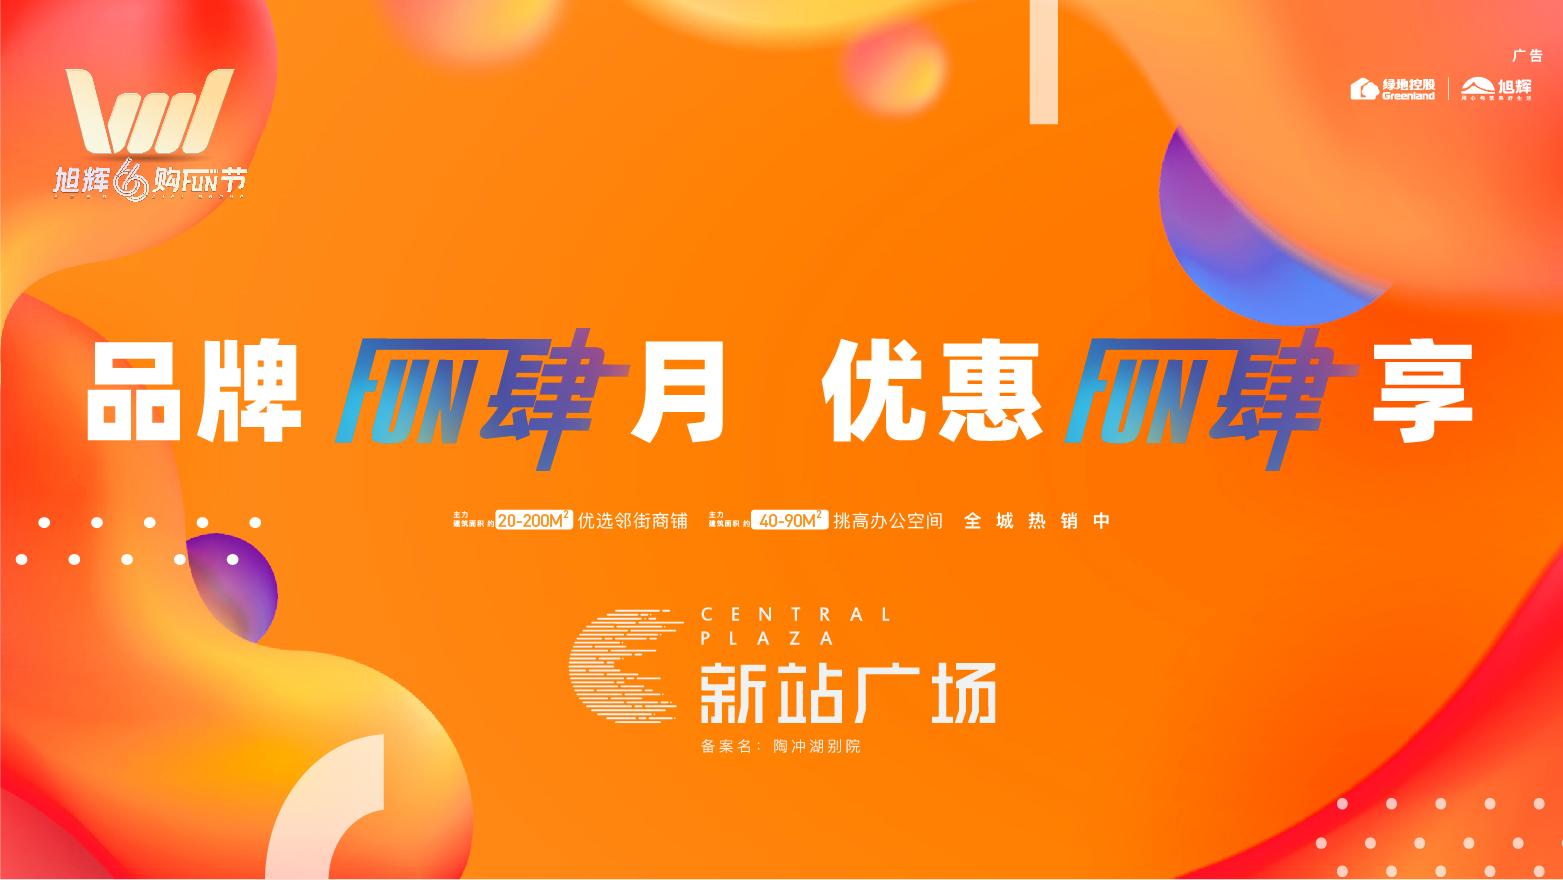 旭輝66購房節|新站廣場銷售 致謝一城厚愛-中國網地産